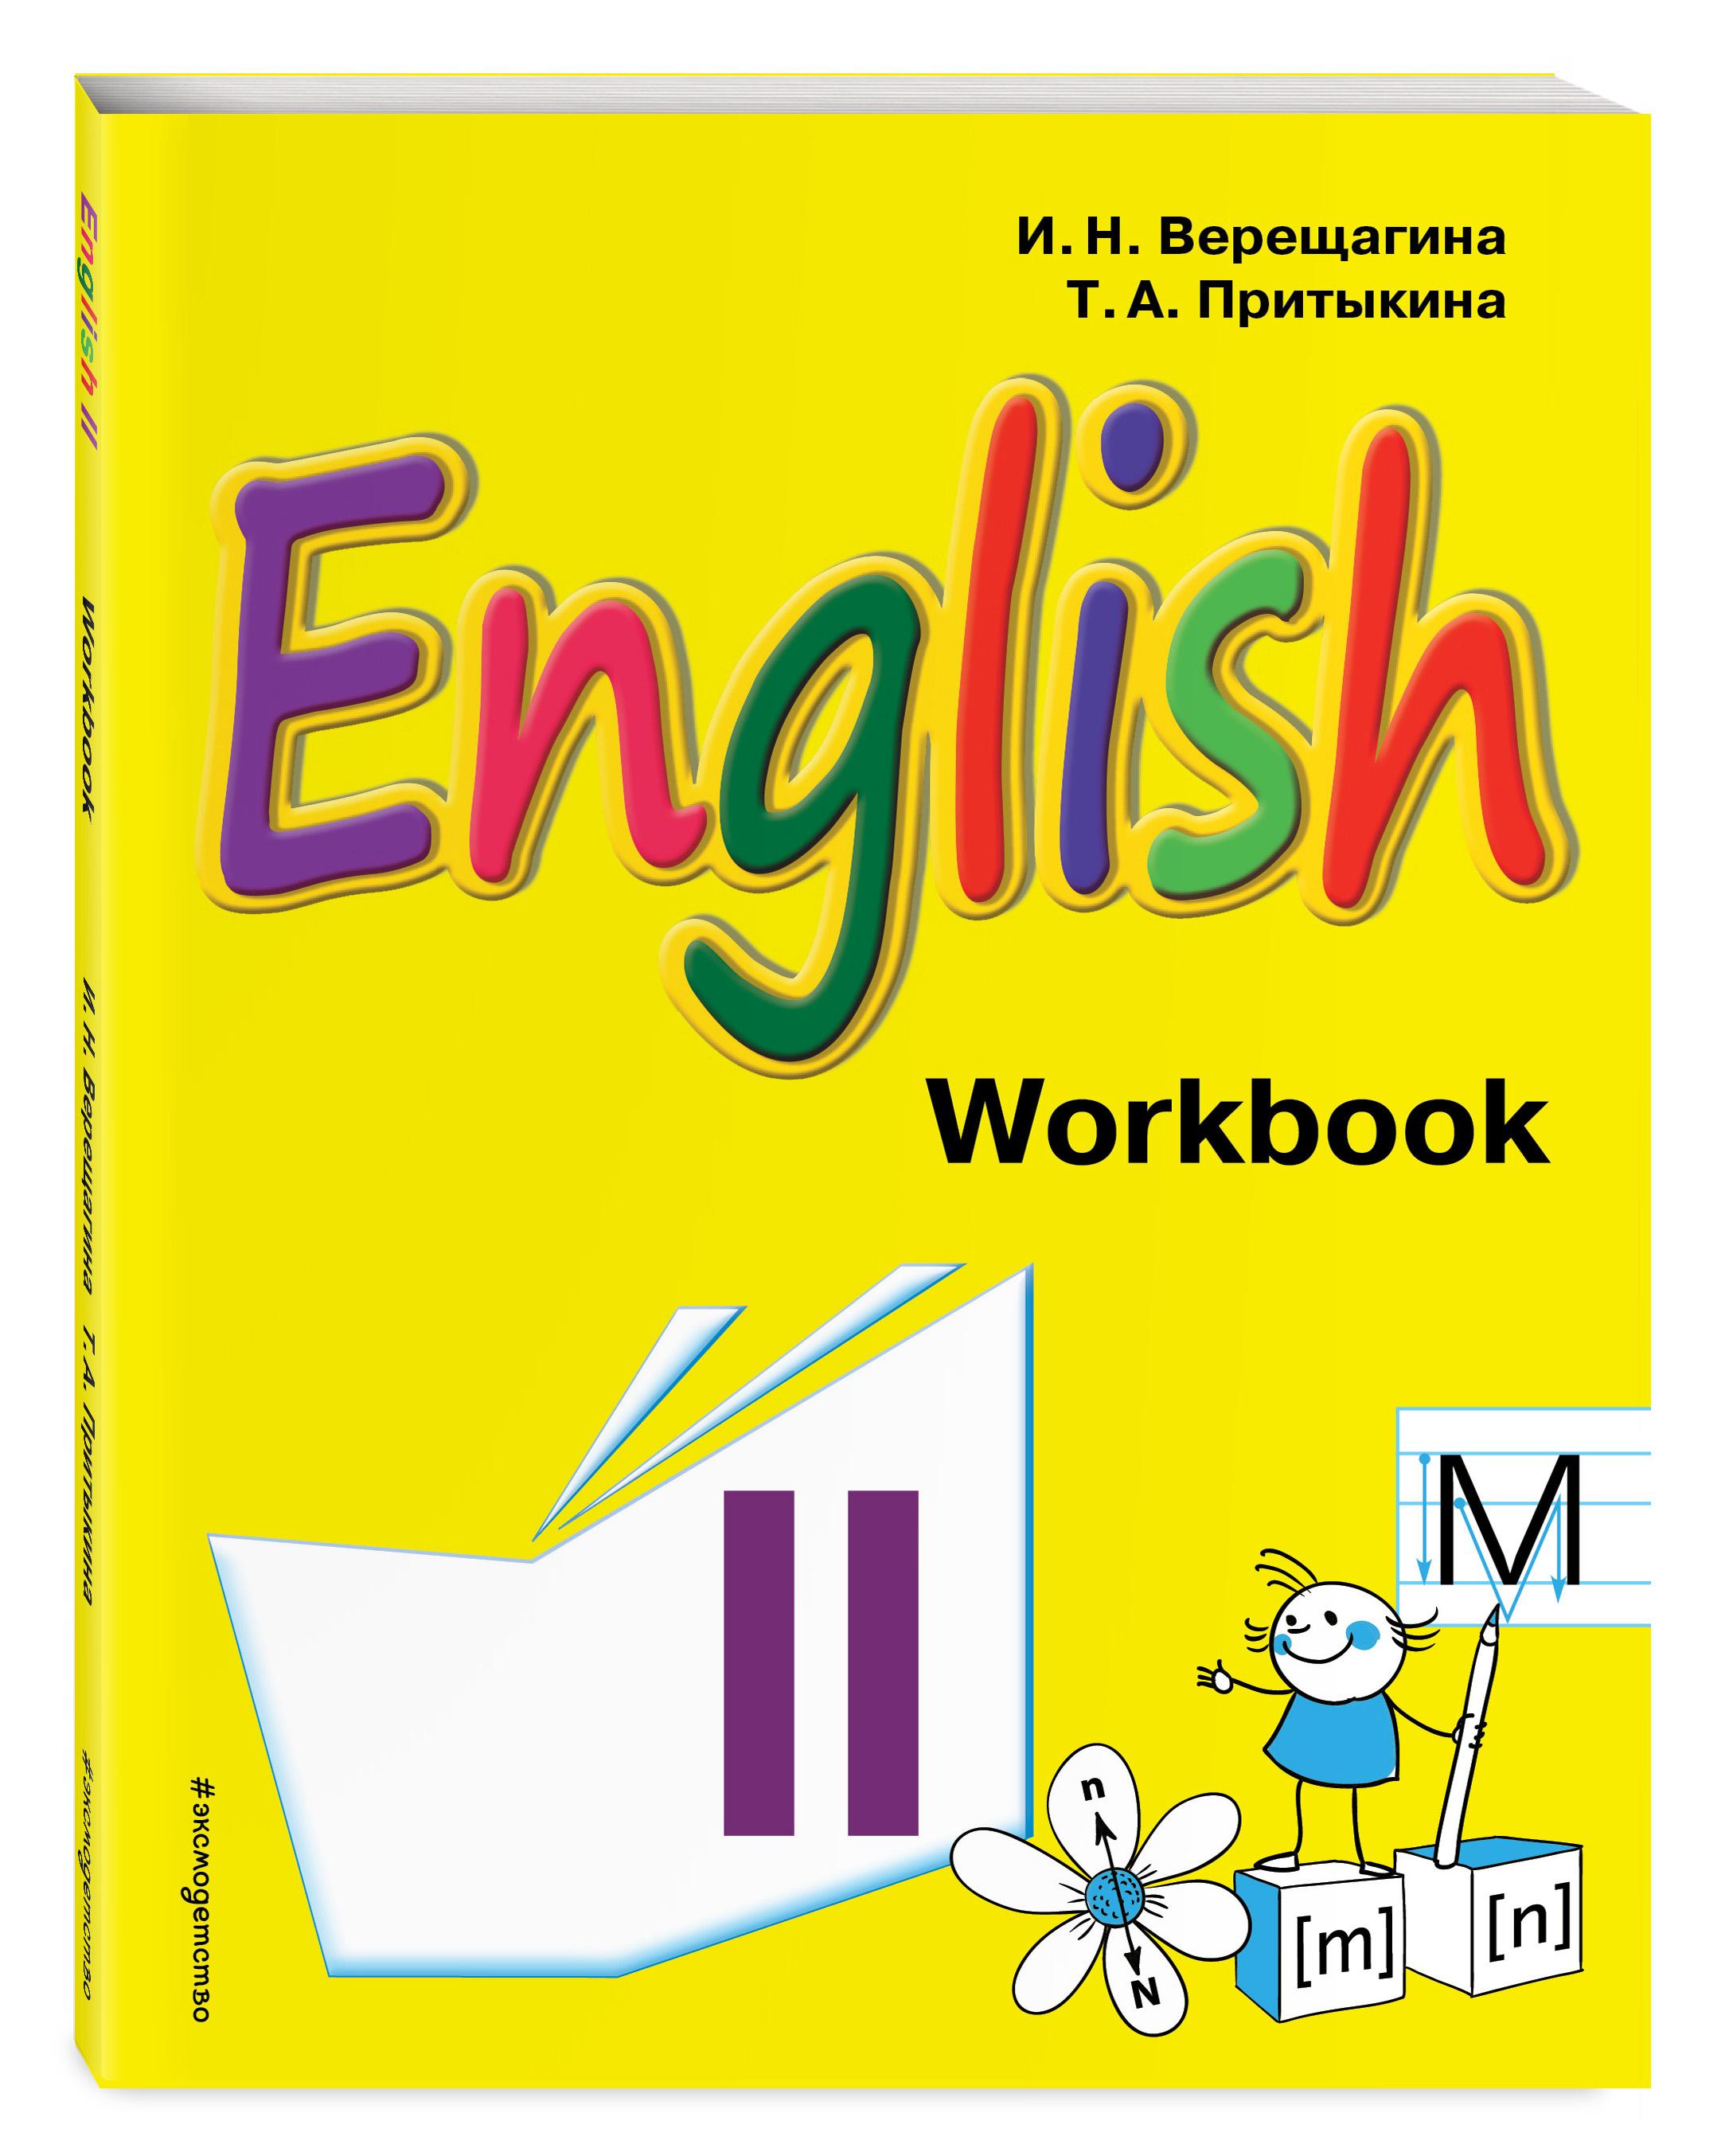 Английский язык. II класс. Рабочая тетрадь ( Верещагина И.Н., Притыкина Т.А.  )